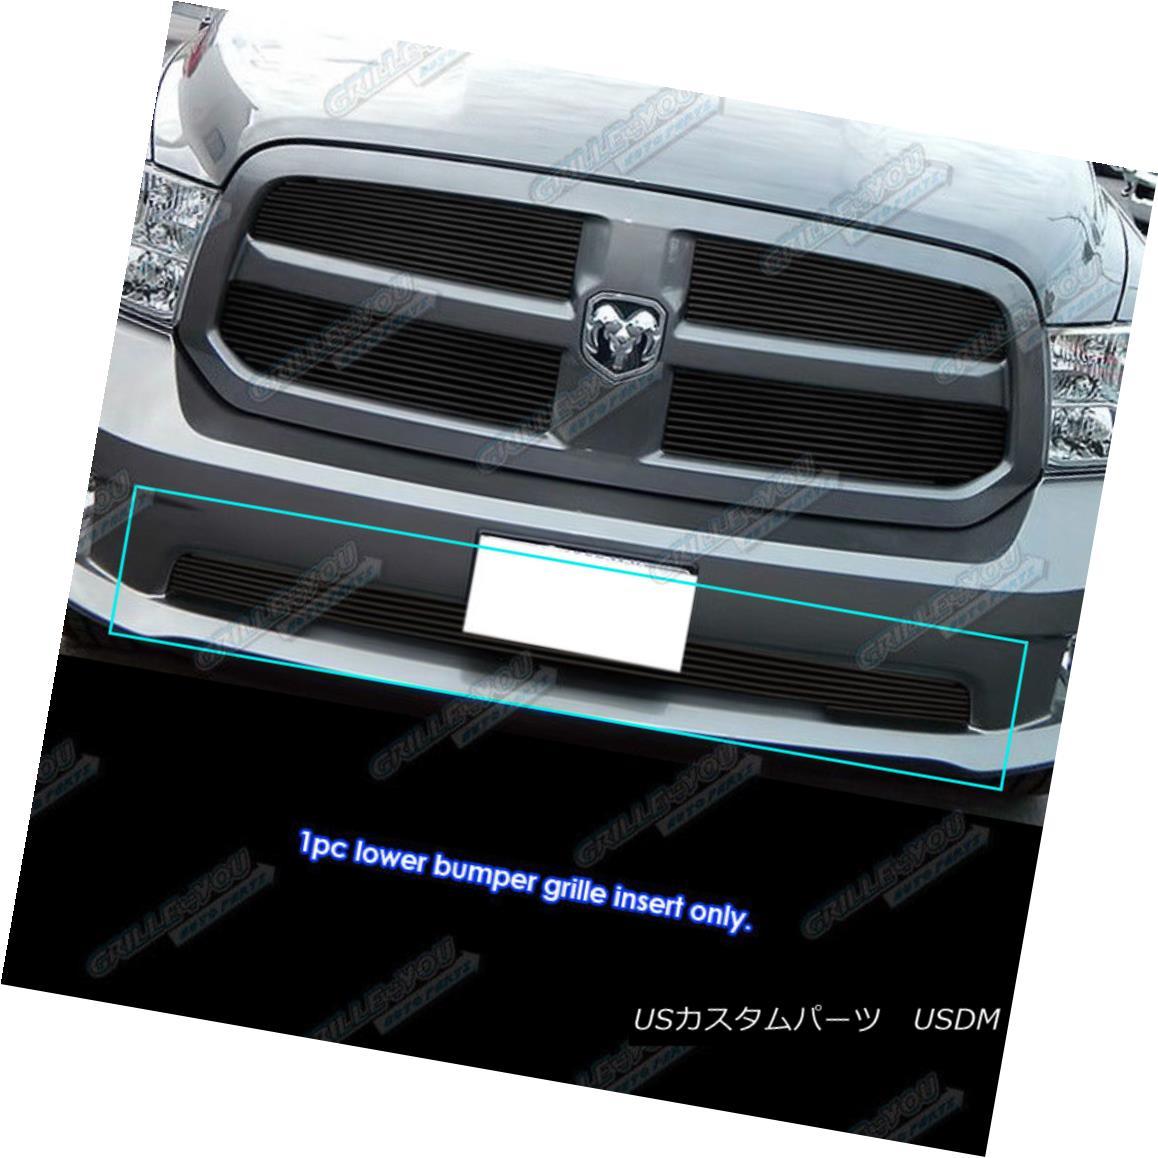 グリル Fits 2012-2017 Ram 1500 Express Model Black Bumper Billet Grille Insert フィット2012-2017ラム1500エクスプレスモデルブラックバンパービレットグリルインサート